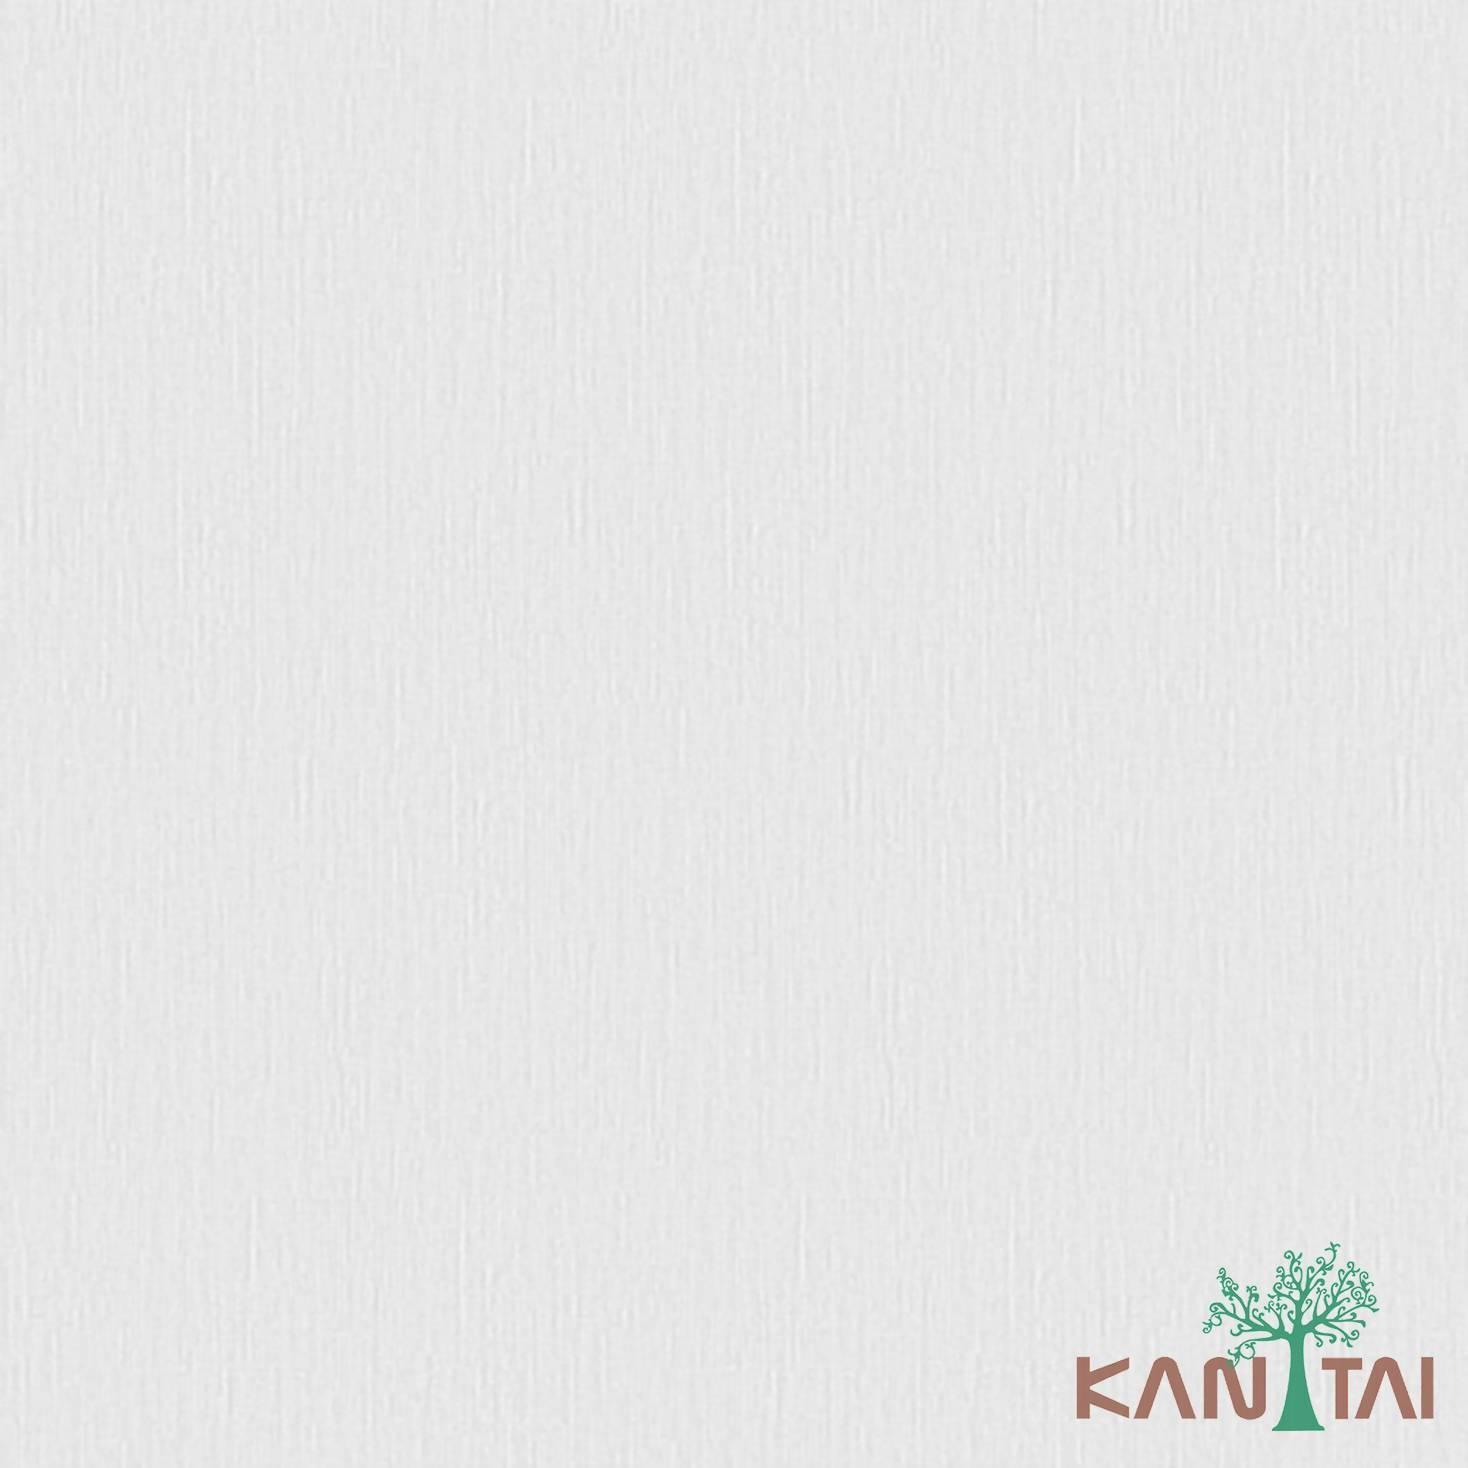 Papel de Parede Vinílico kantai Element 902 imagem 1